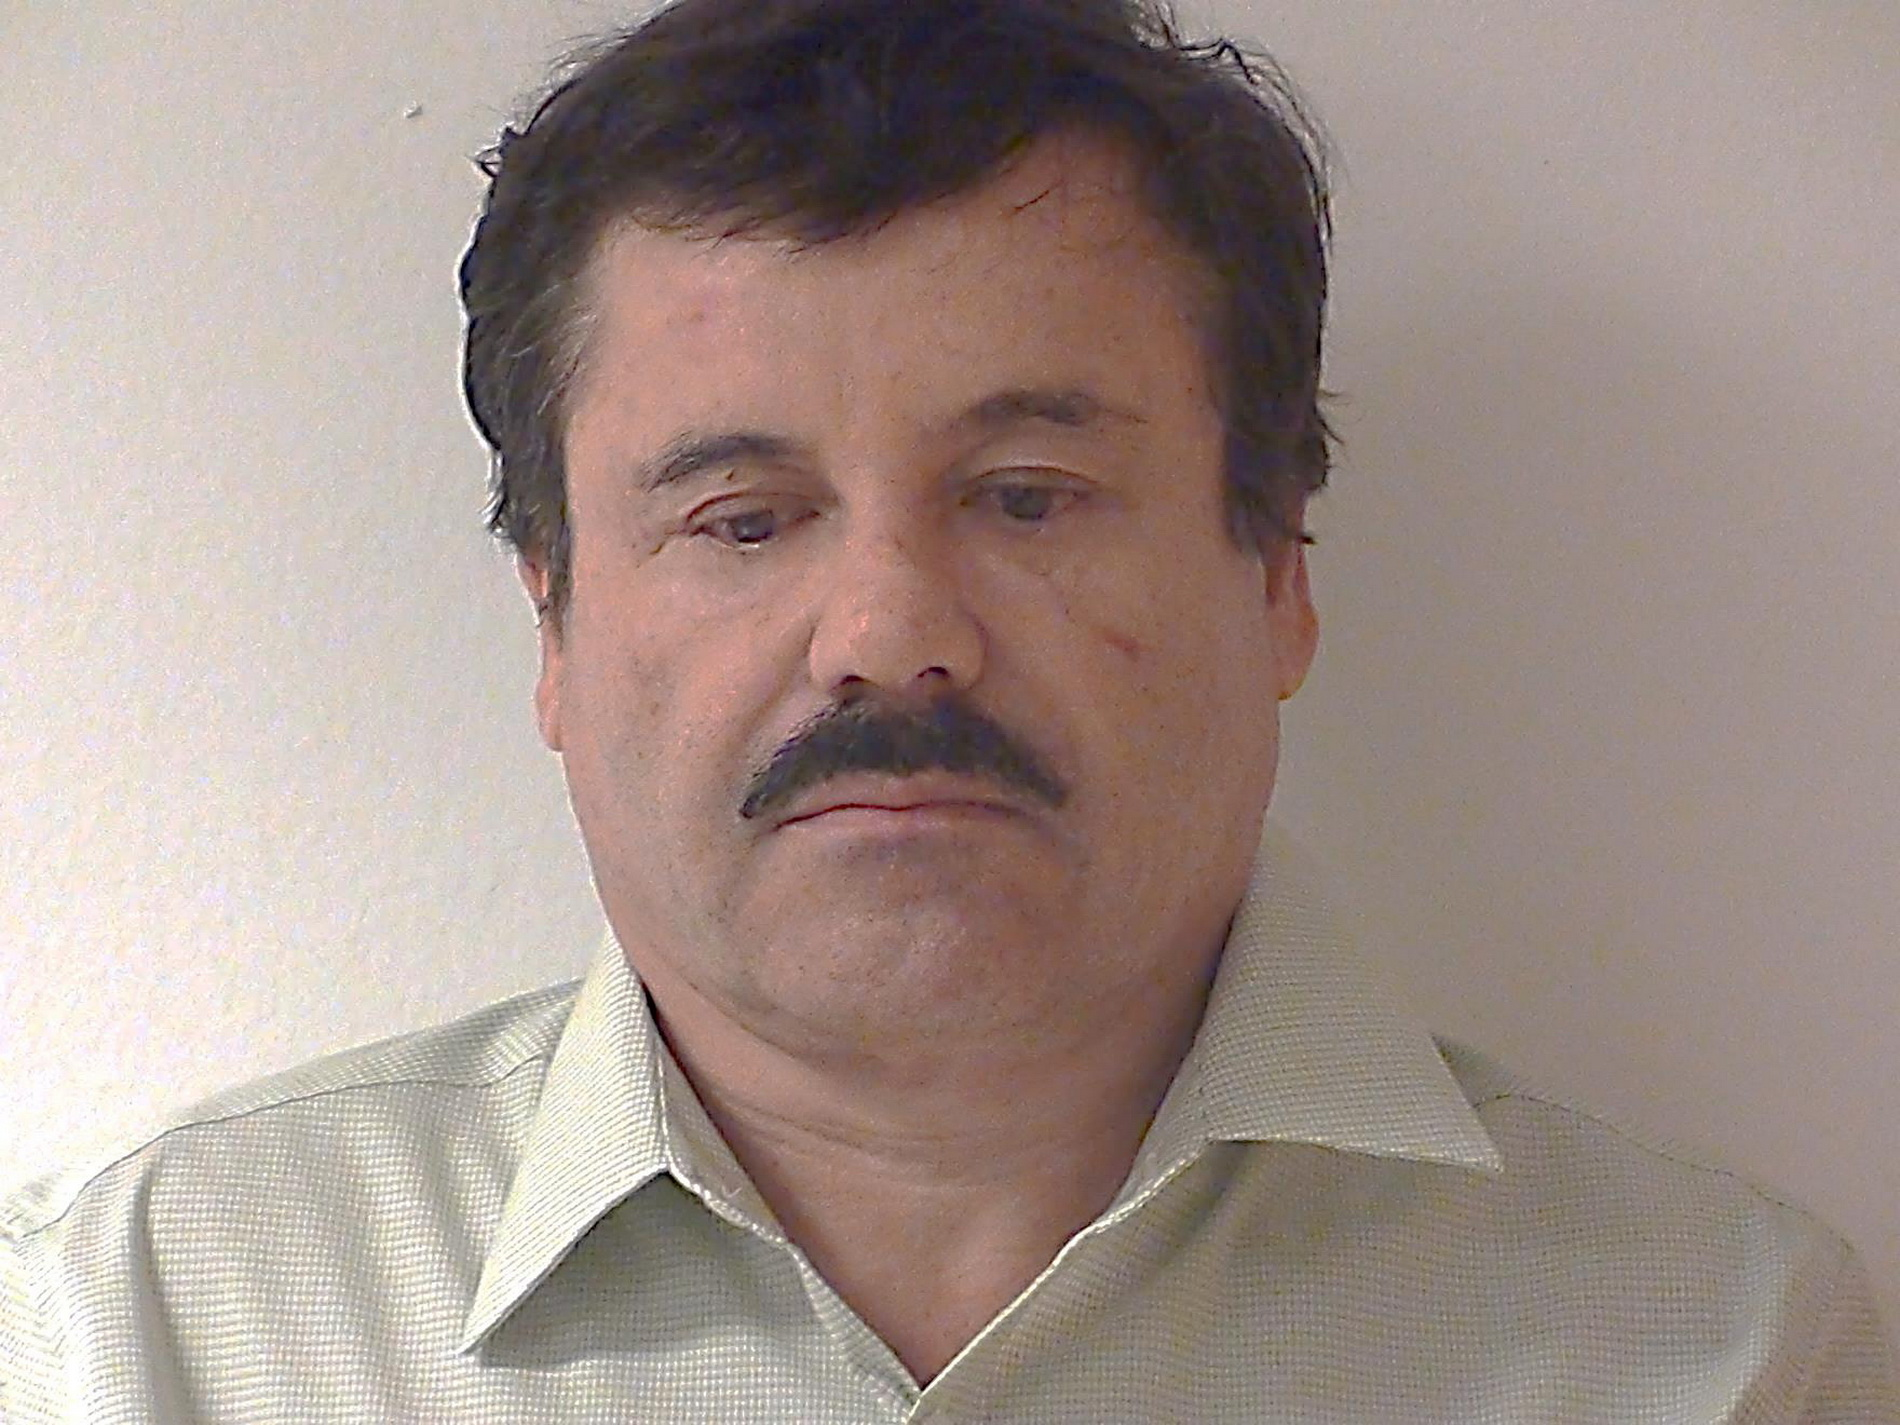 Procesul lui El Chapo. Traficantul de droguri a fost tradat de prietenii lui si face inchisoare pe viata